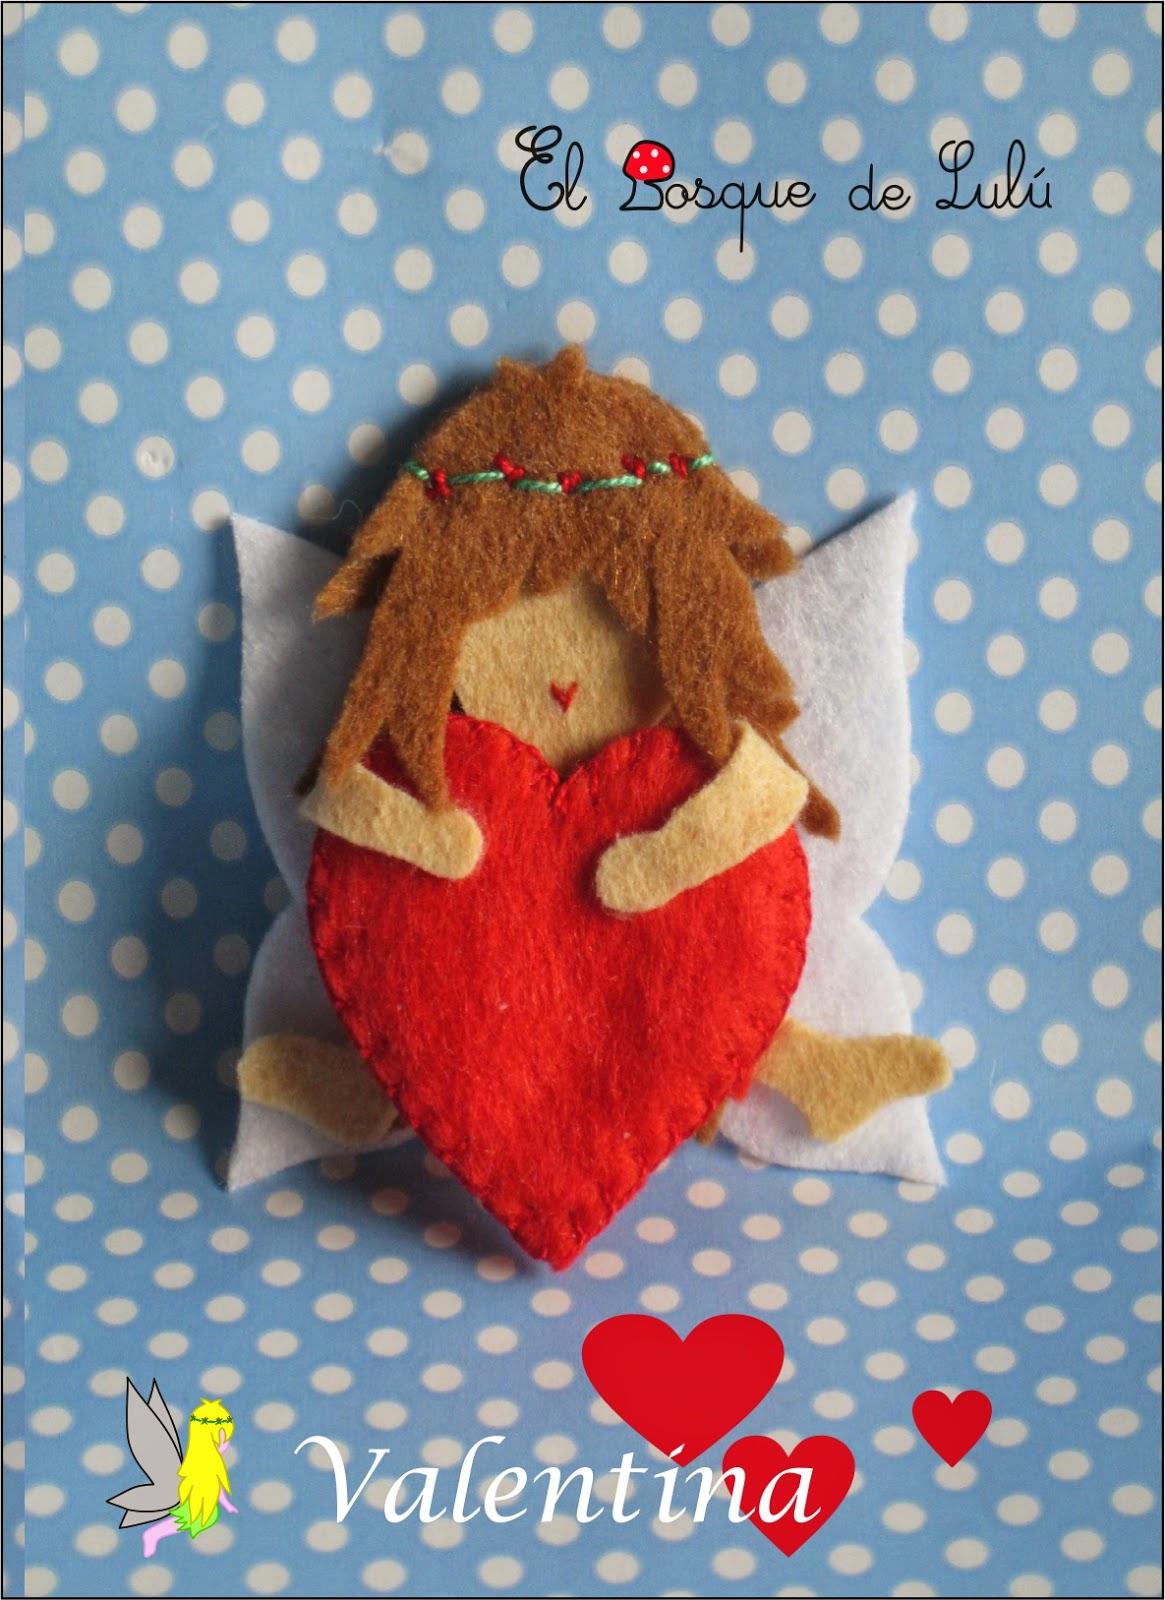 broche-regalo-san-valentin-broche-fieltro-hada-enamorados-romántico-amor